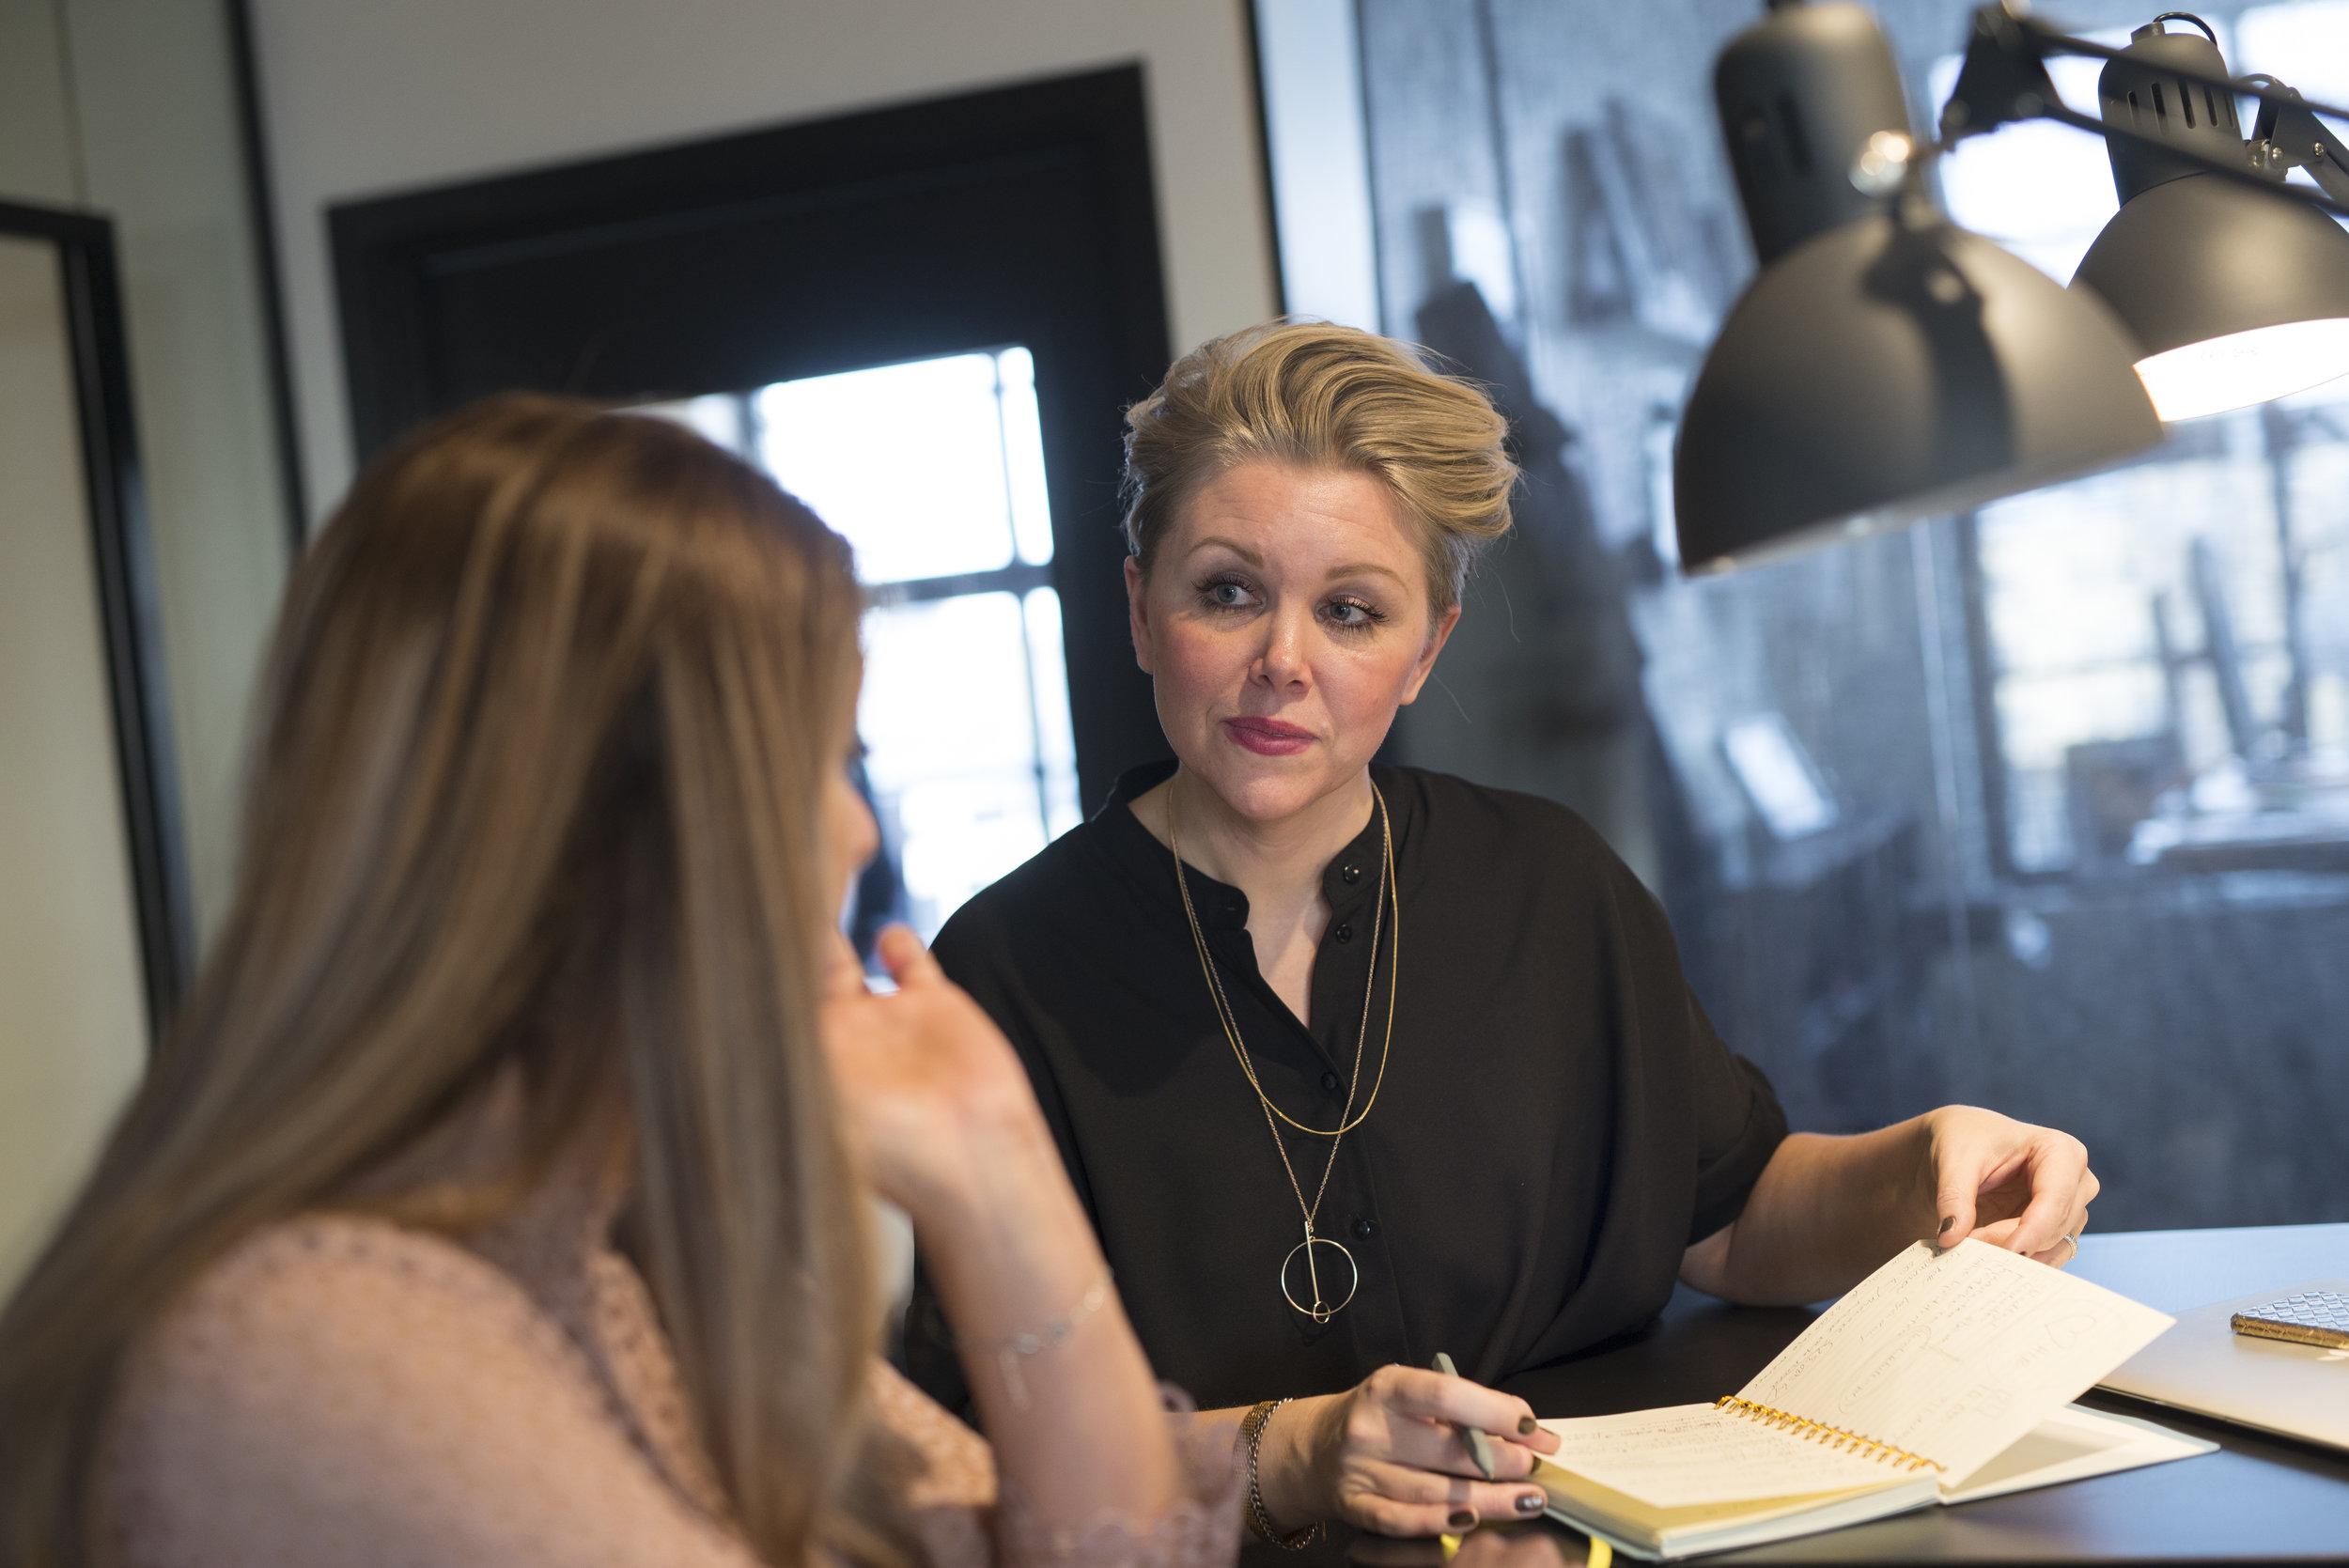 JAG HJÄLPER DIG ATT - skapa kreativa, starka och dynamiska teamse till att rätt person gör rätt sak kopplat till företagets målkartlägga företagets samlade kompetenserskapa nyckelrollerutvärdera nuläget: hur mår din viktigaste tlllgångskapa rollbeskrivningarsynliggöra dina kollegor genom kreativ employer branding